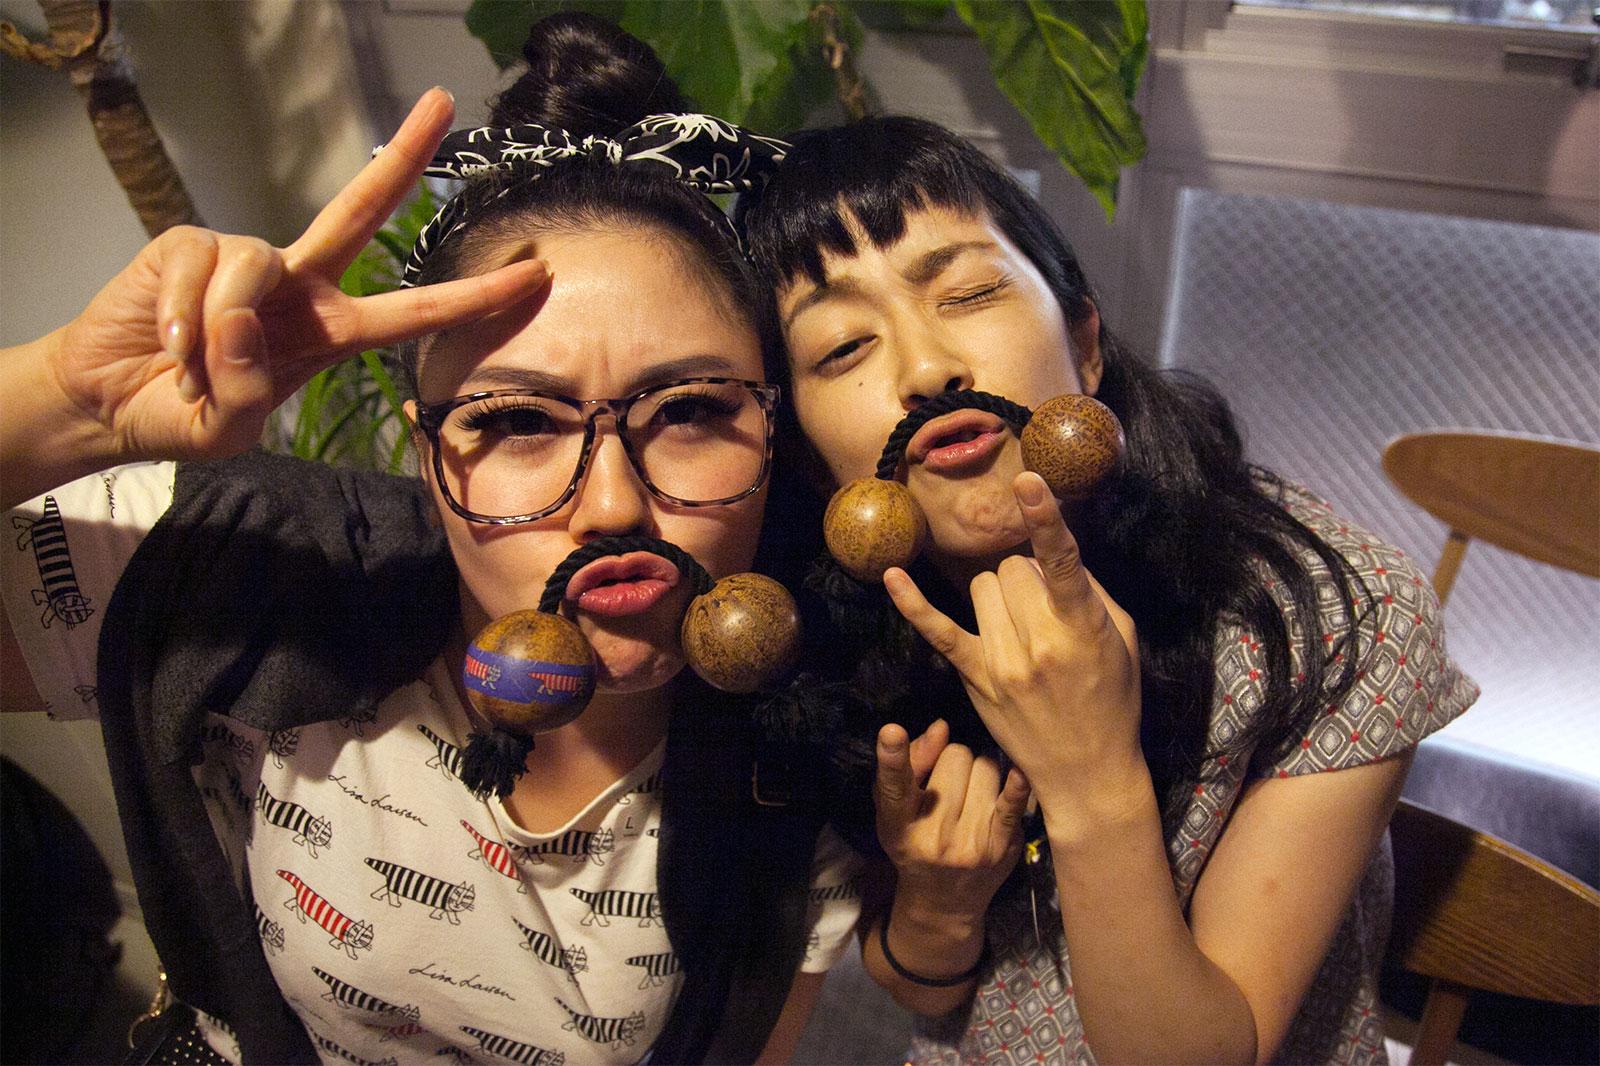 osaka asian personals Local osaka, osaka, japan singles looking to hookup, girls and boys, chat, parties and casual sex fun.